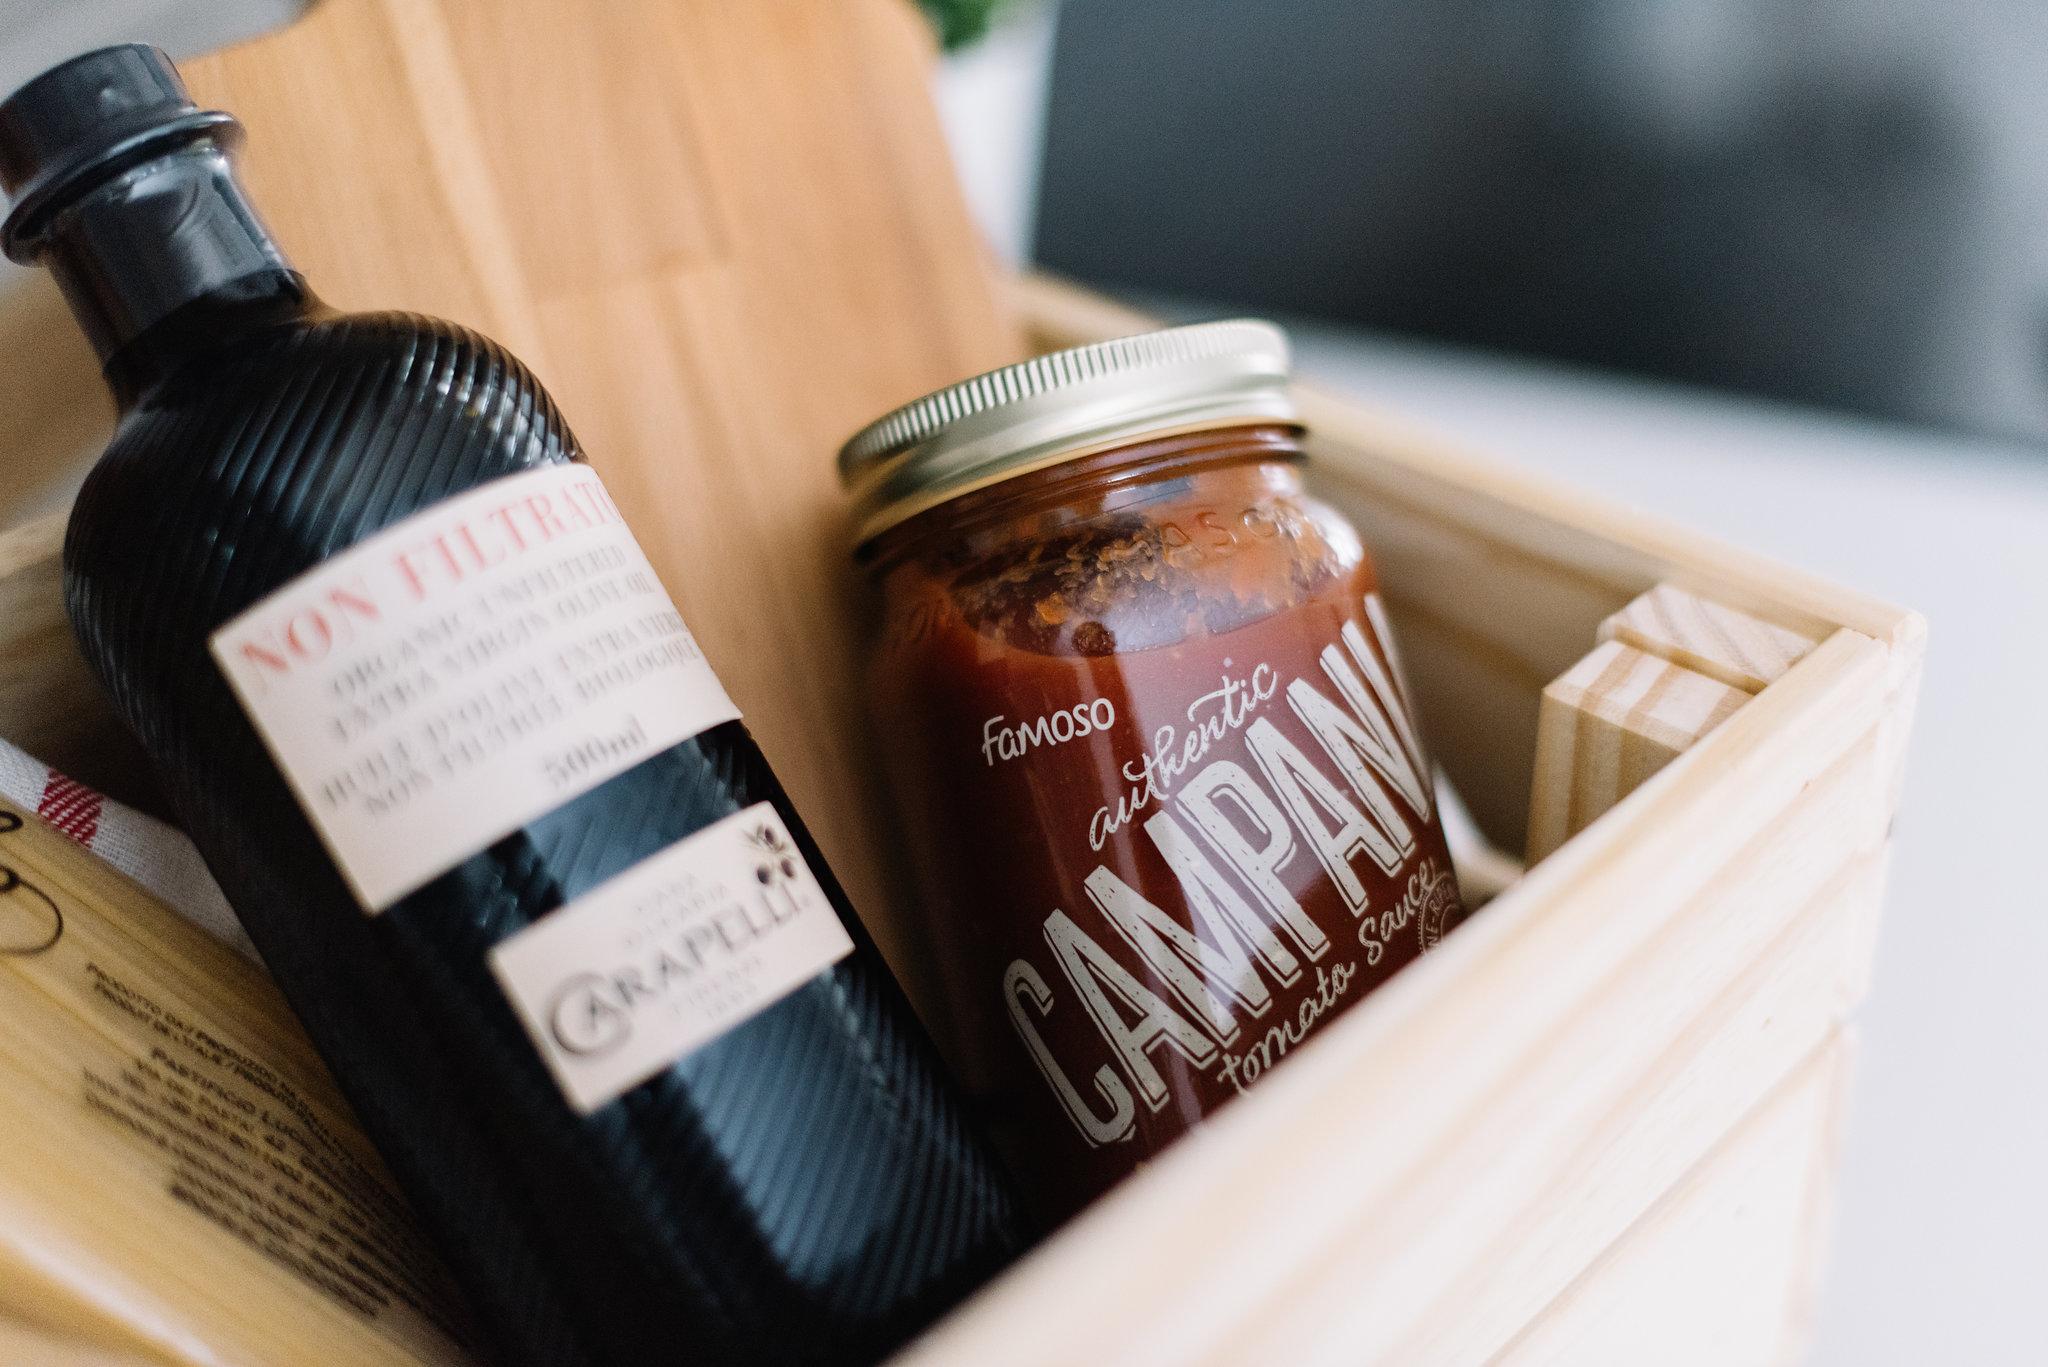 campania tomato sauce, famoso